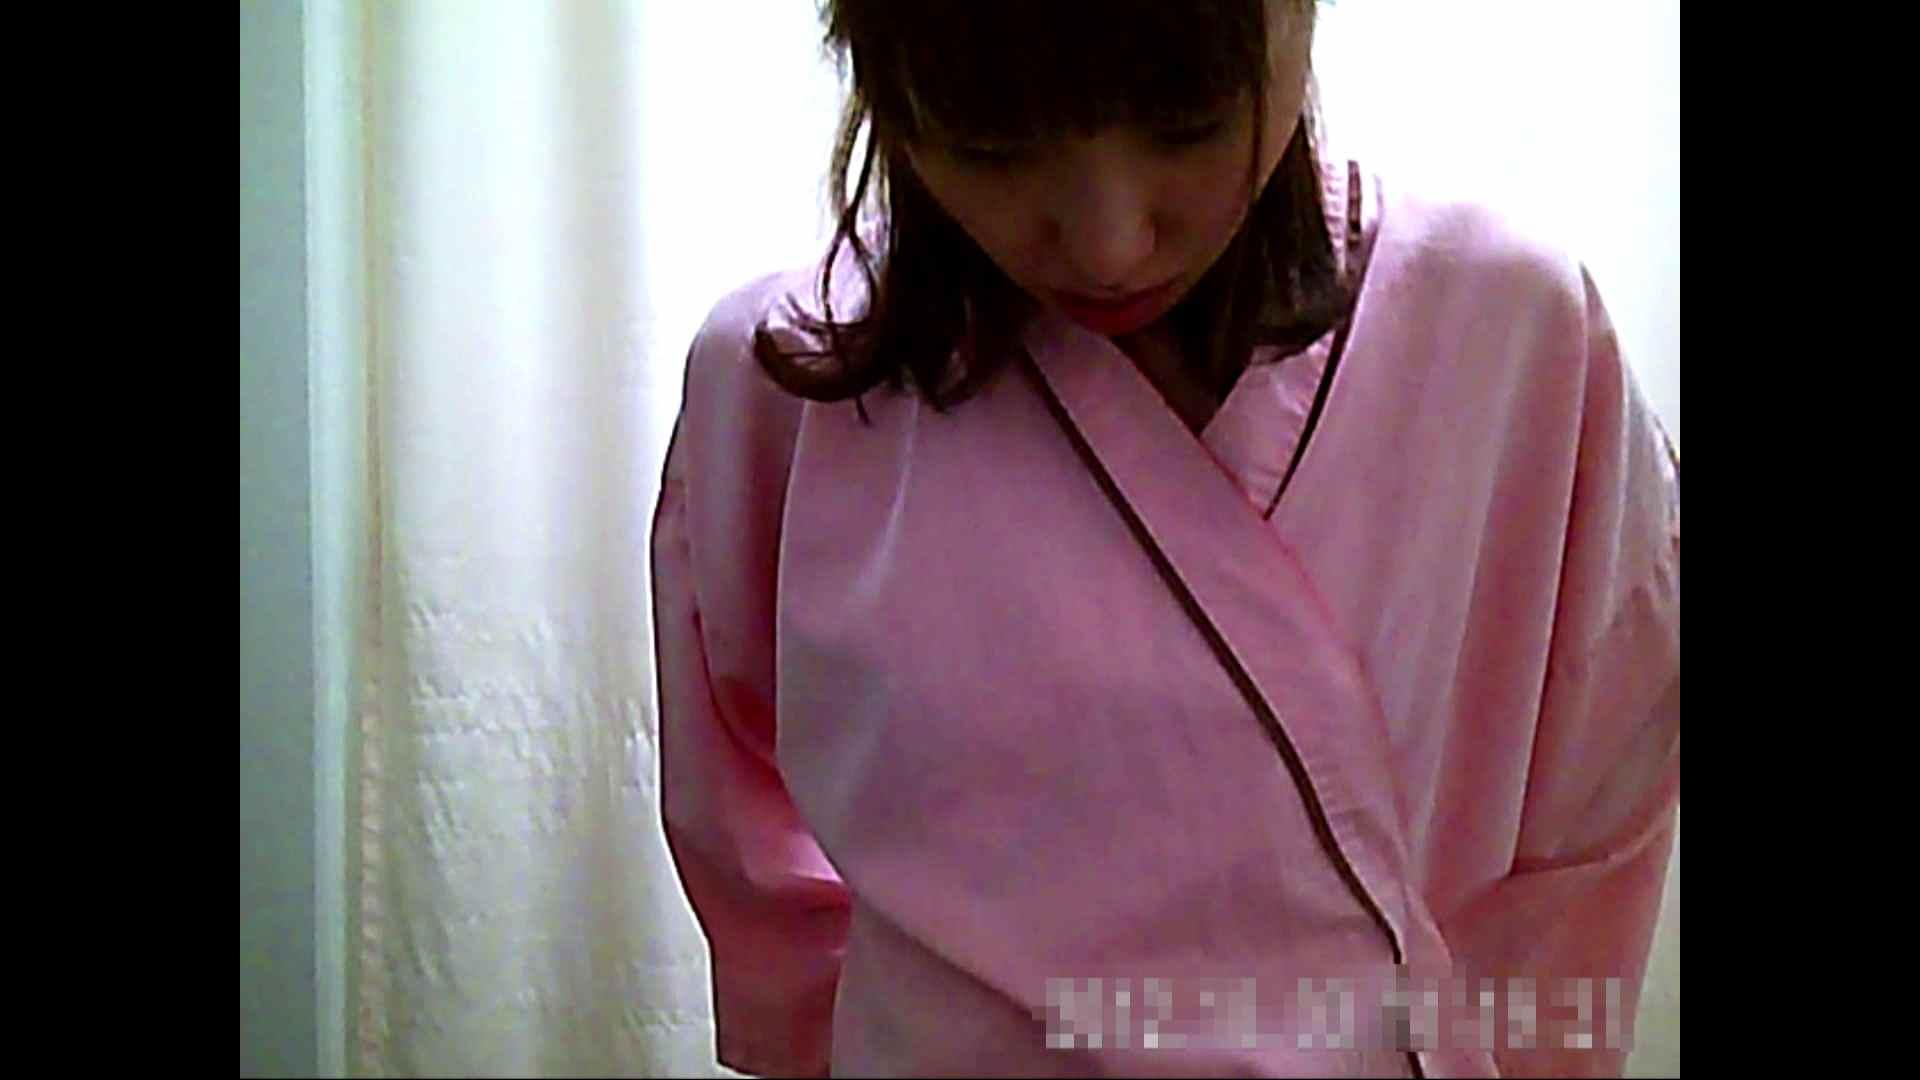 元医者による反抗 更衣室地獄絵巻 vol.069 ギャル  108PIX 84